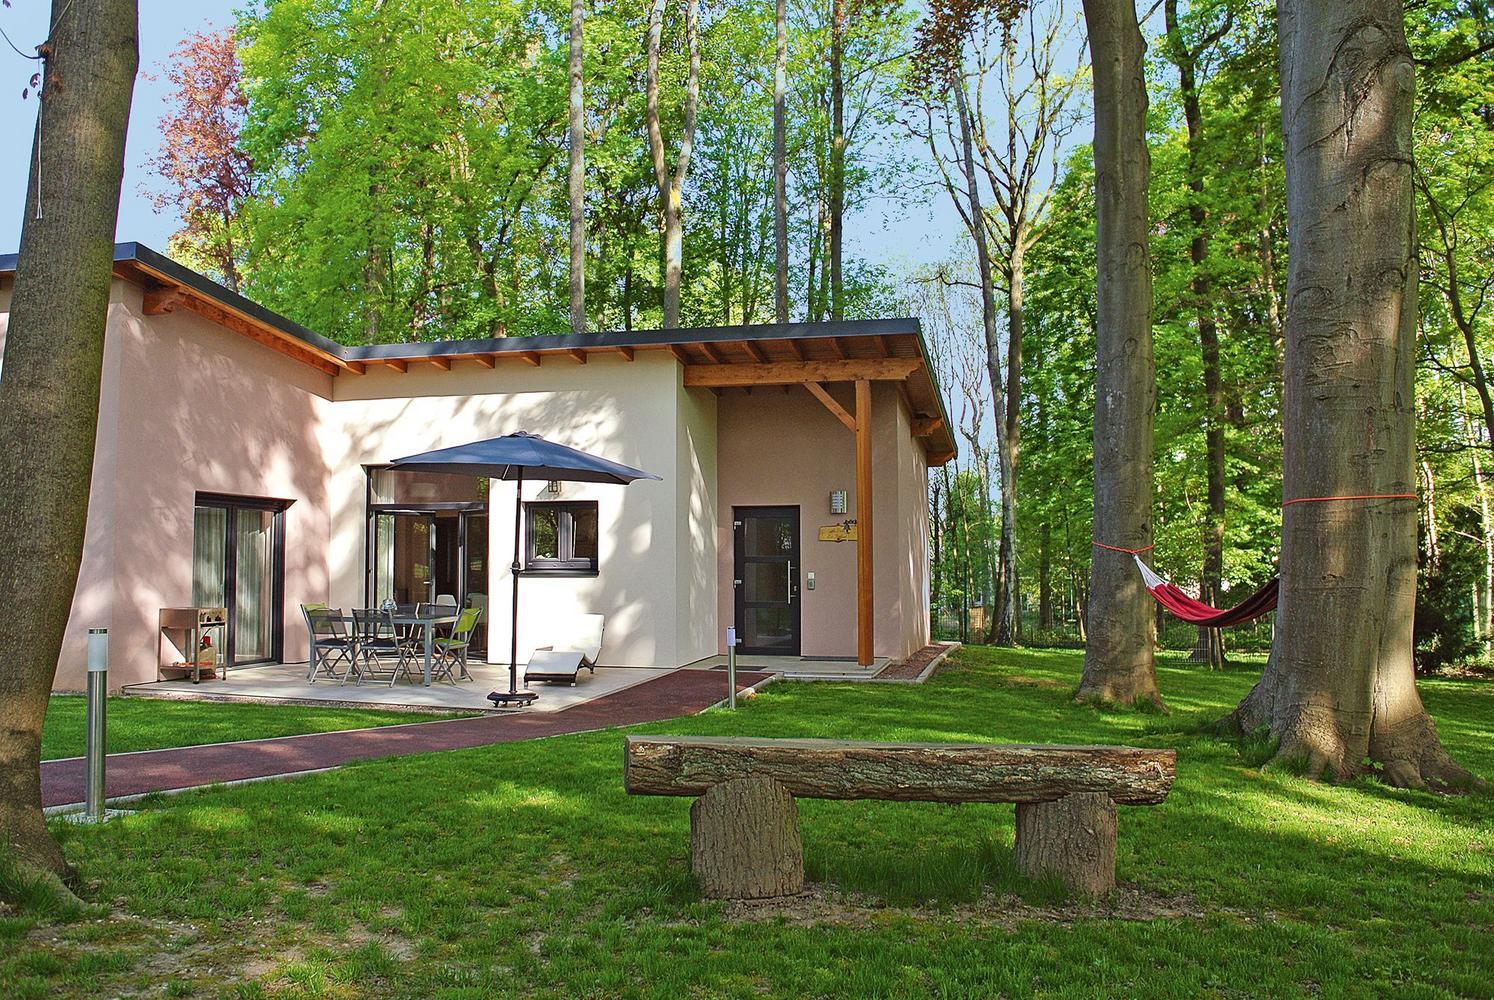 Maison En Bois Moselle gîte - le bois de robin - sarreguemines